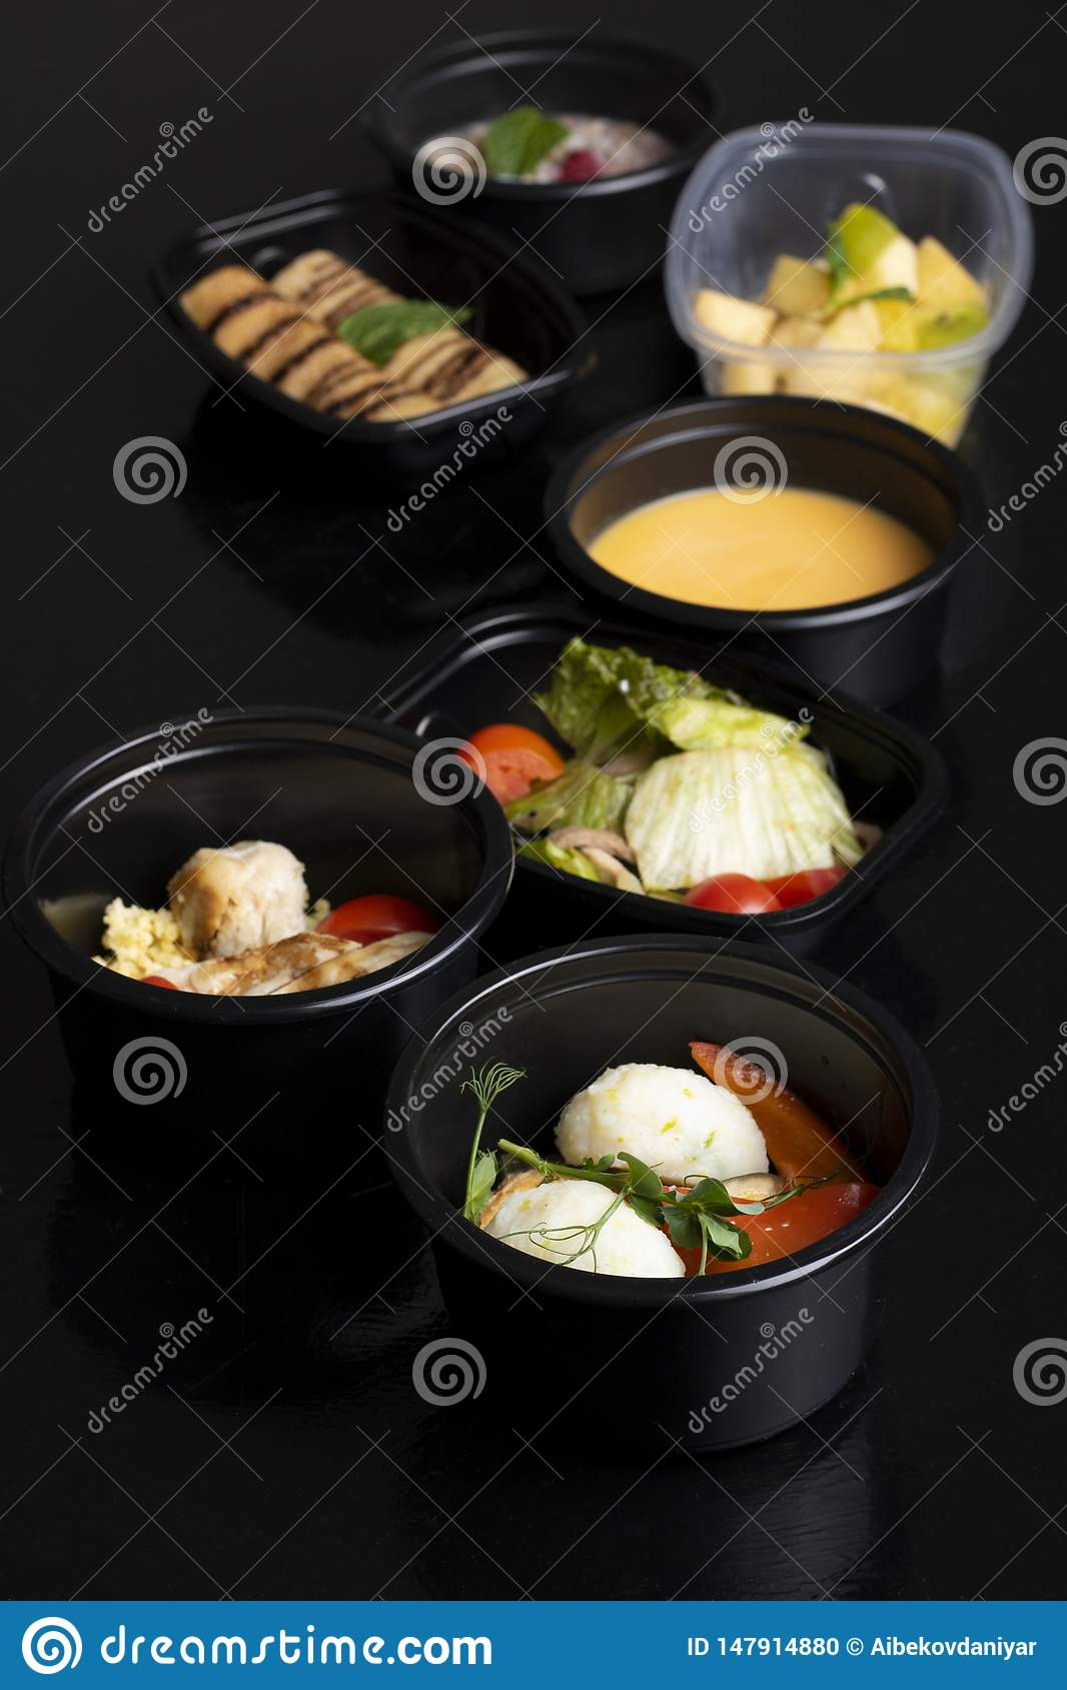 Pancake e foglia cotta della menta, minestra di piselli con le verdure cotte a vapore, lattuga e macedonia di frutta esotica